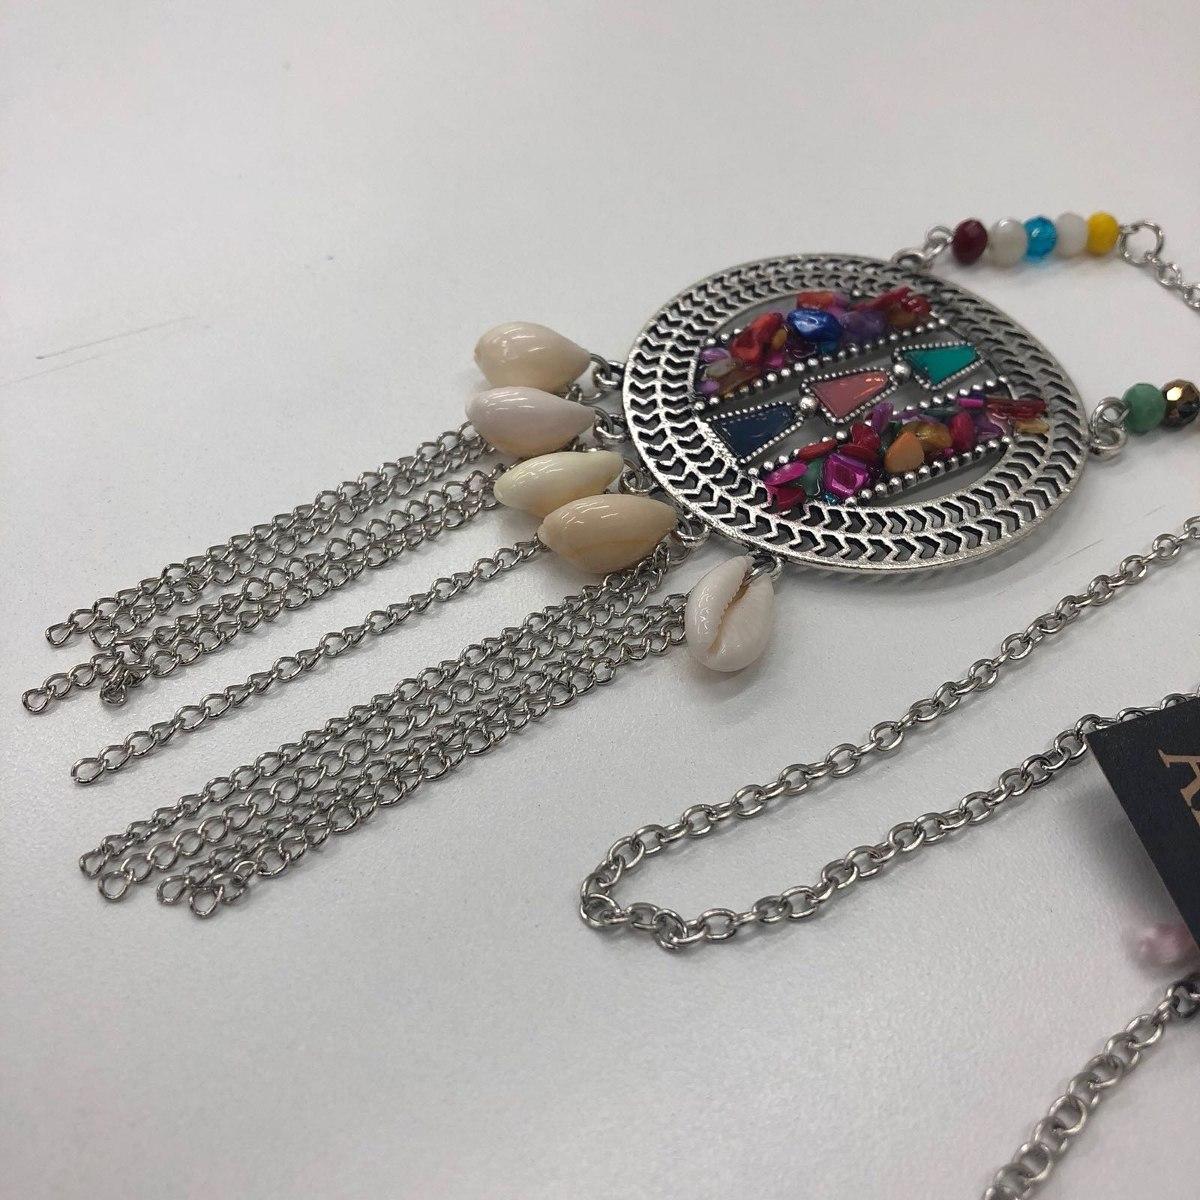 941d5e1cda55 Collar Comun De Bijou Dama Moda Elegante Accesorios -   540